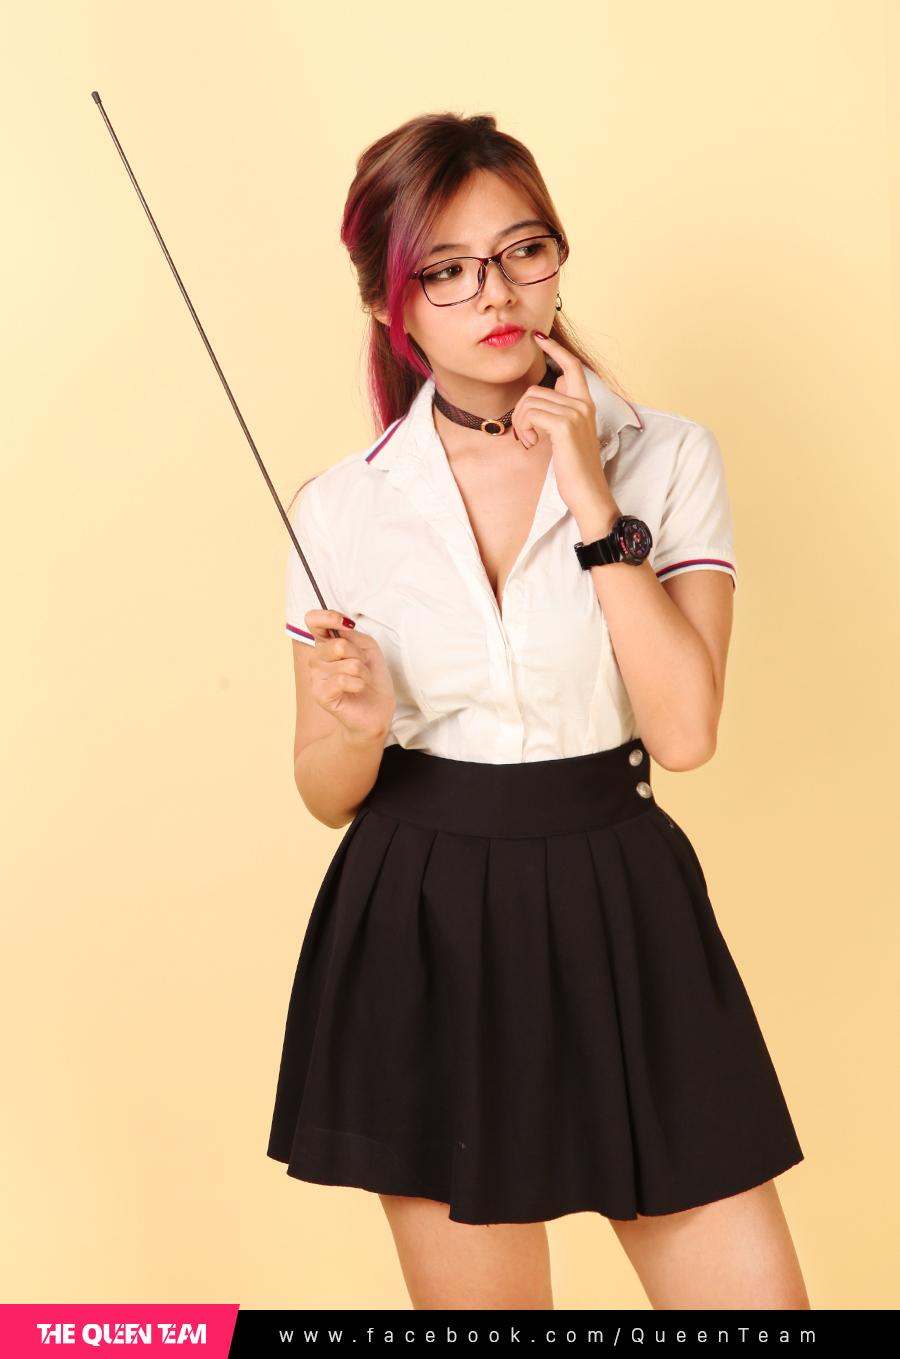 Ohsusu hóa thân thành cô giáo Thảo trong bộ ảnh mới